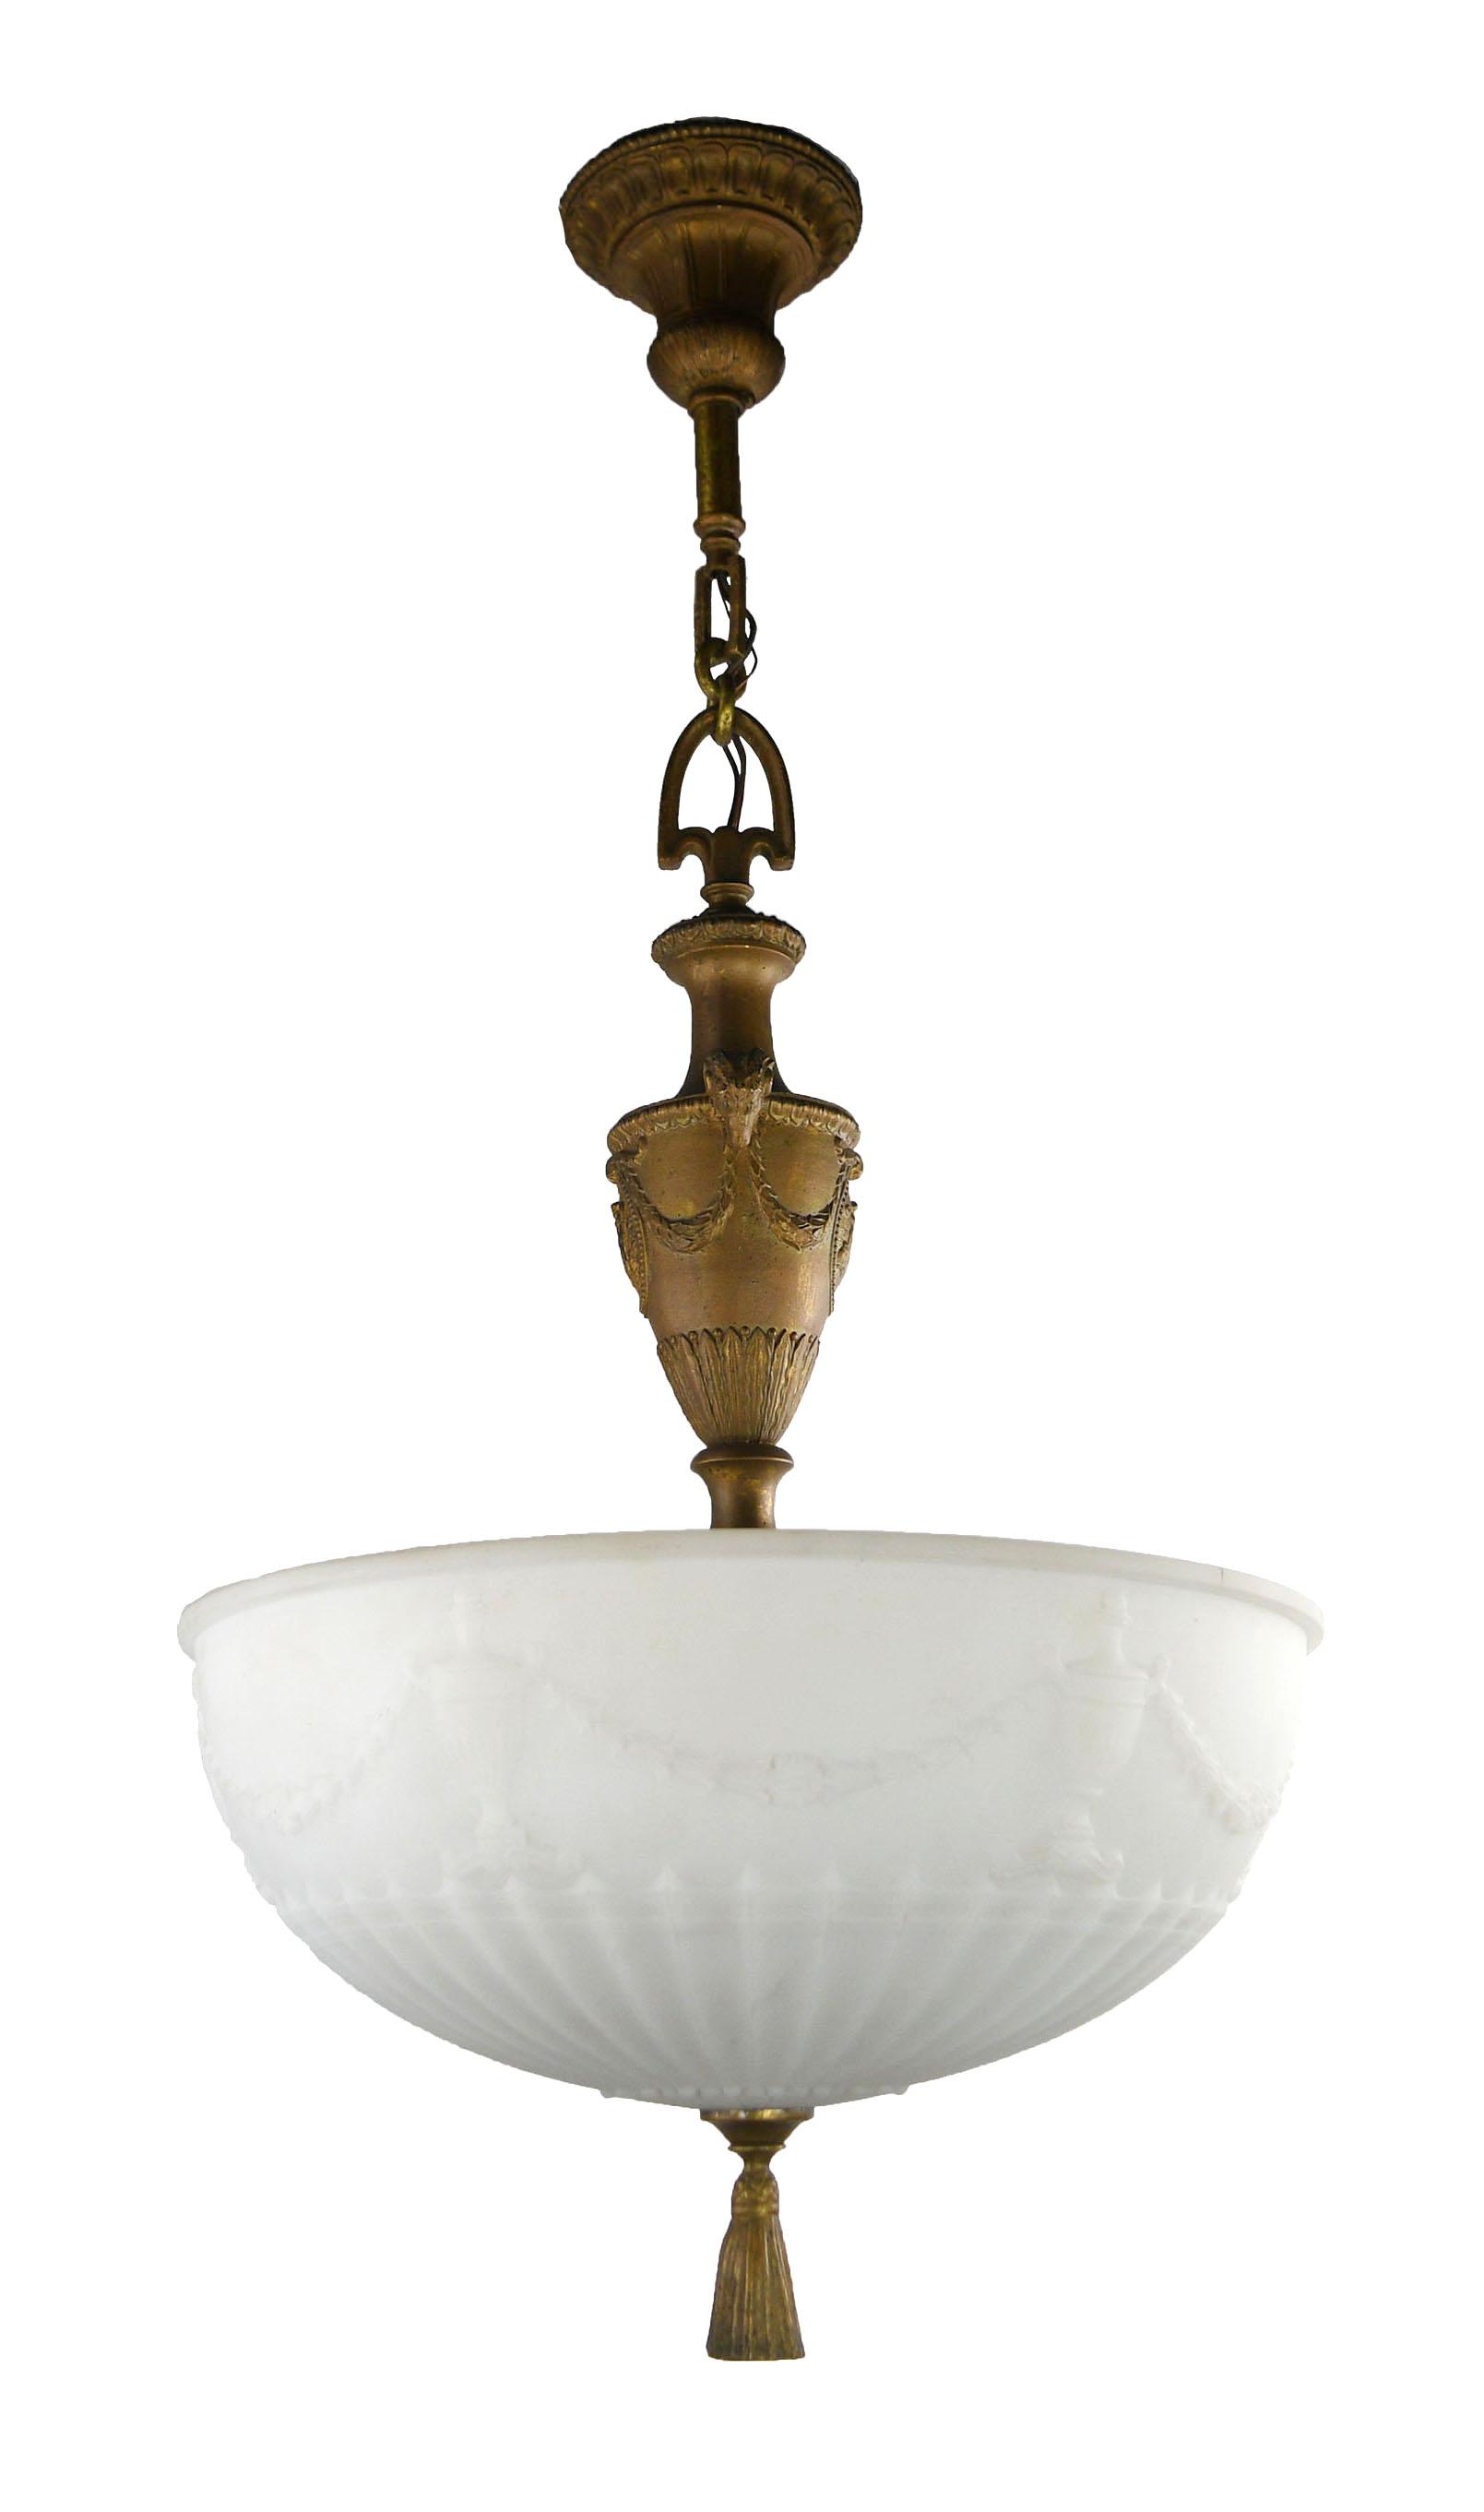 48133 brass pendant with glass bowl full.jpg